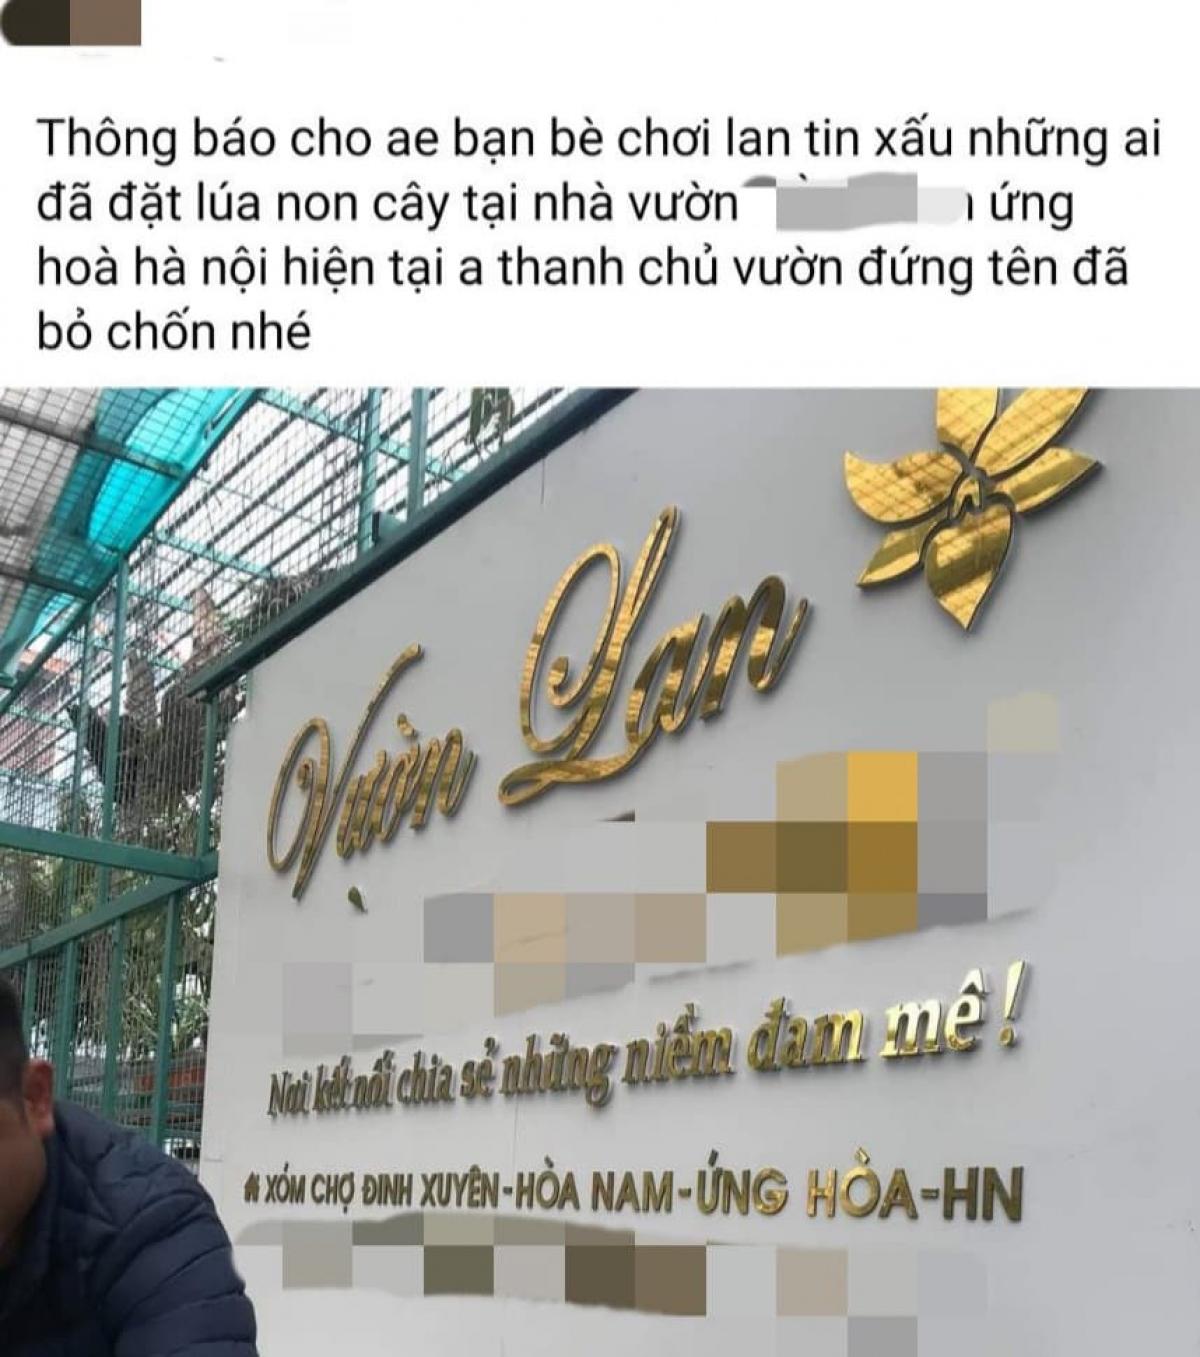 """Chủ tài khoản của một Facebook chia sẻ trên diễn đàn hoa lan đột biến về vụ việc chủ một vườn lan ở xã Hoài Nam, huyện Ứng Hòa, Hà Nội """"ôm"""" 200 tỷ đồng của khách bỏ trốn."""